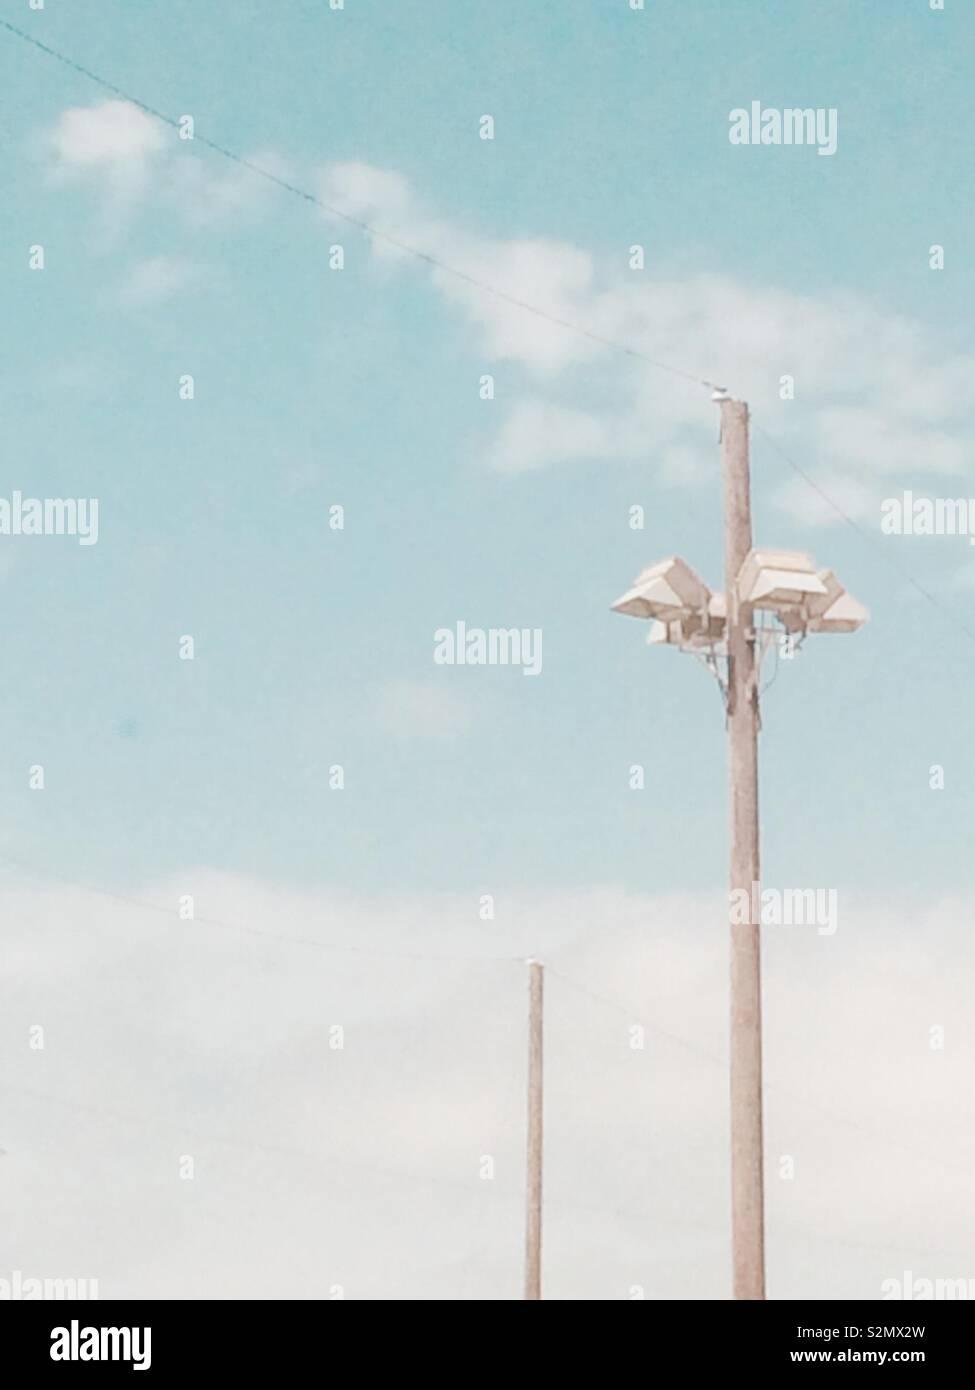 Postes de luz contra el cielo azul Foto de stock